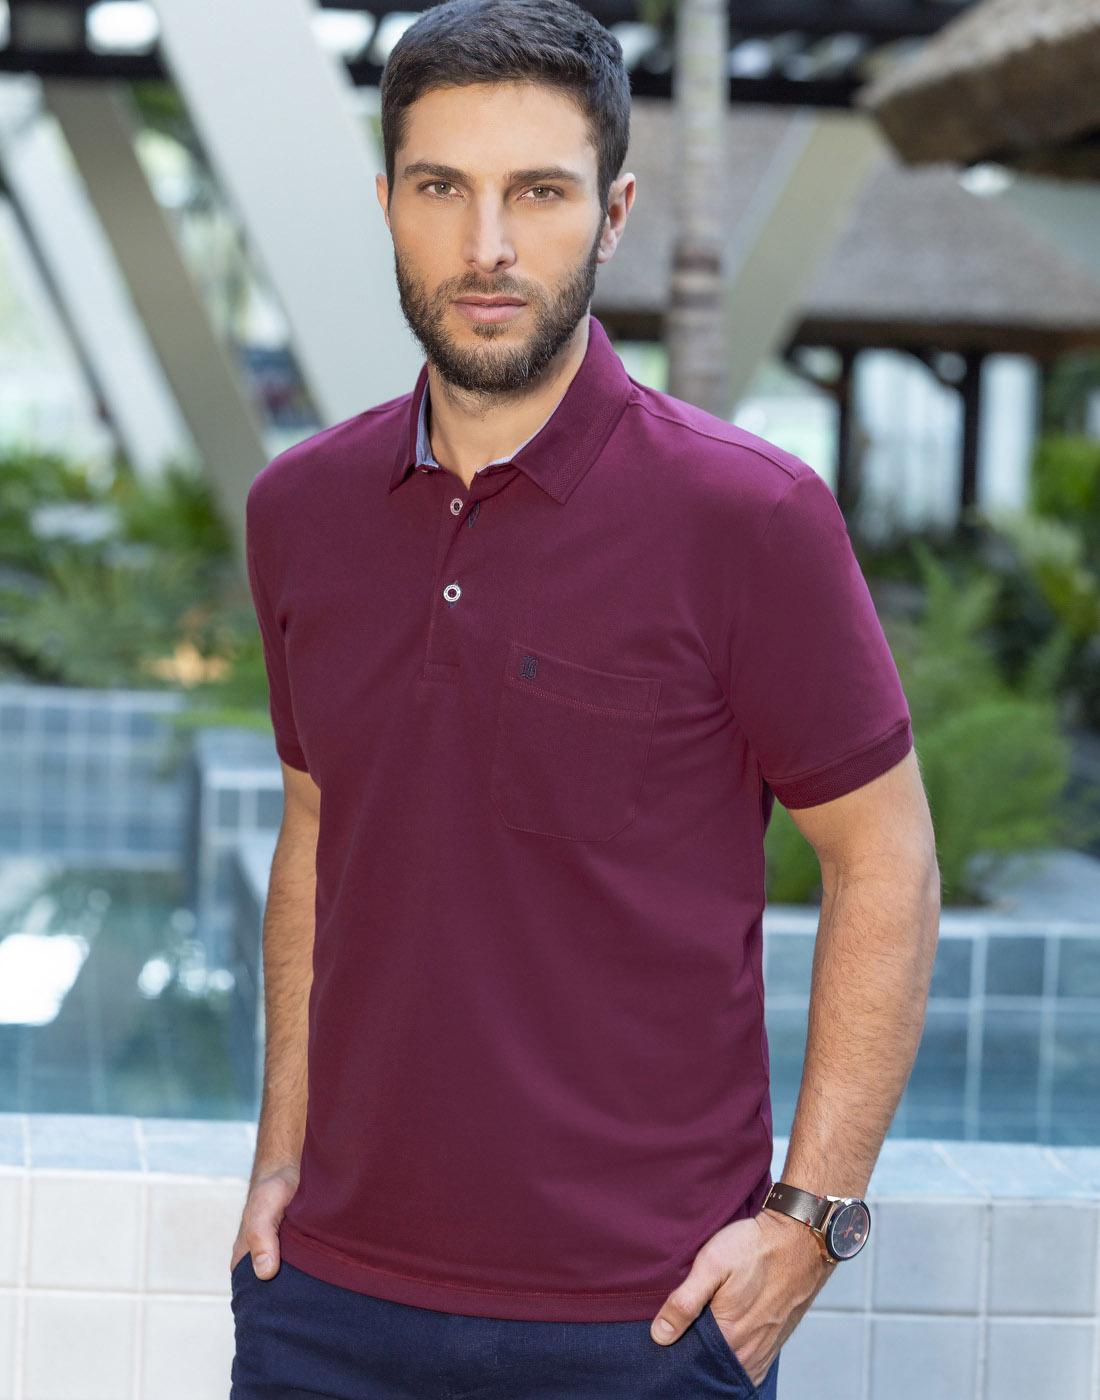 Camiseta Polo Estampada Plus com Bolso Roxo  - Baumgarten